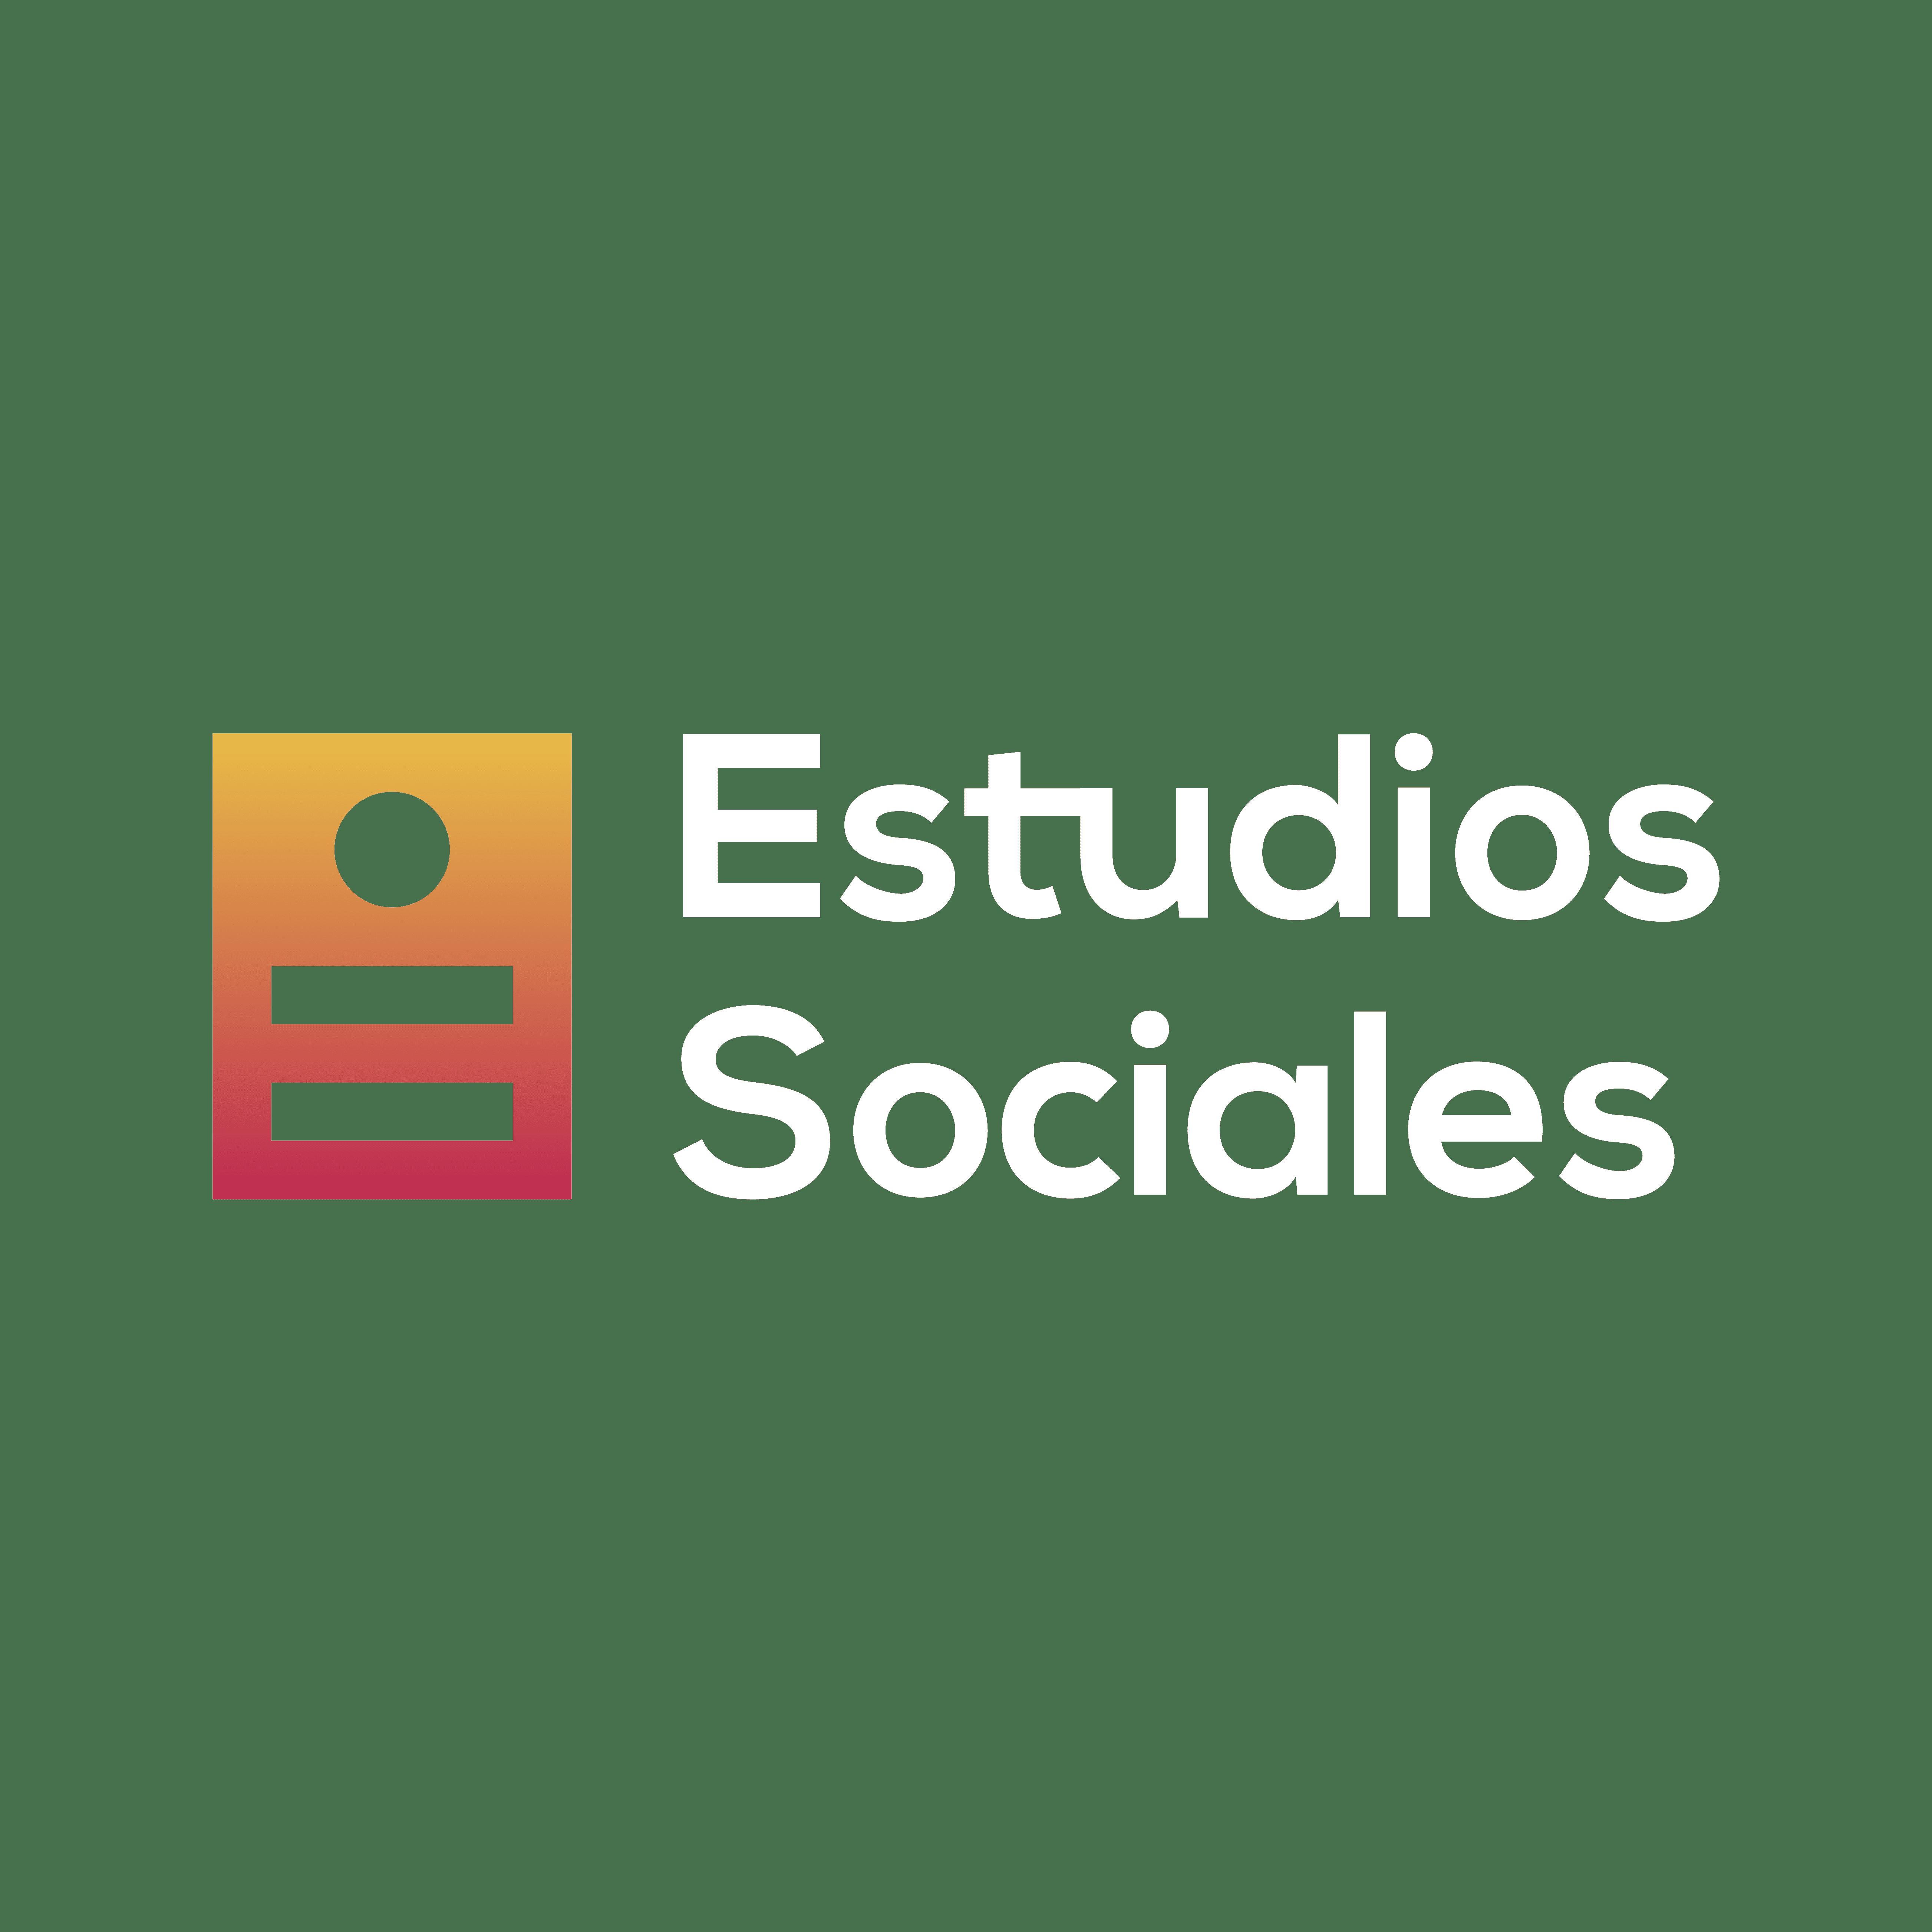 Estudios Sociales GEAS 7